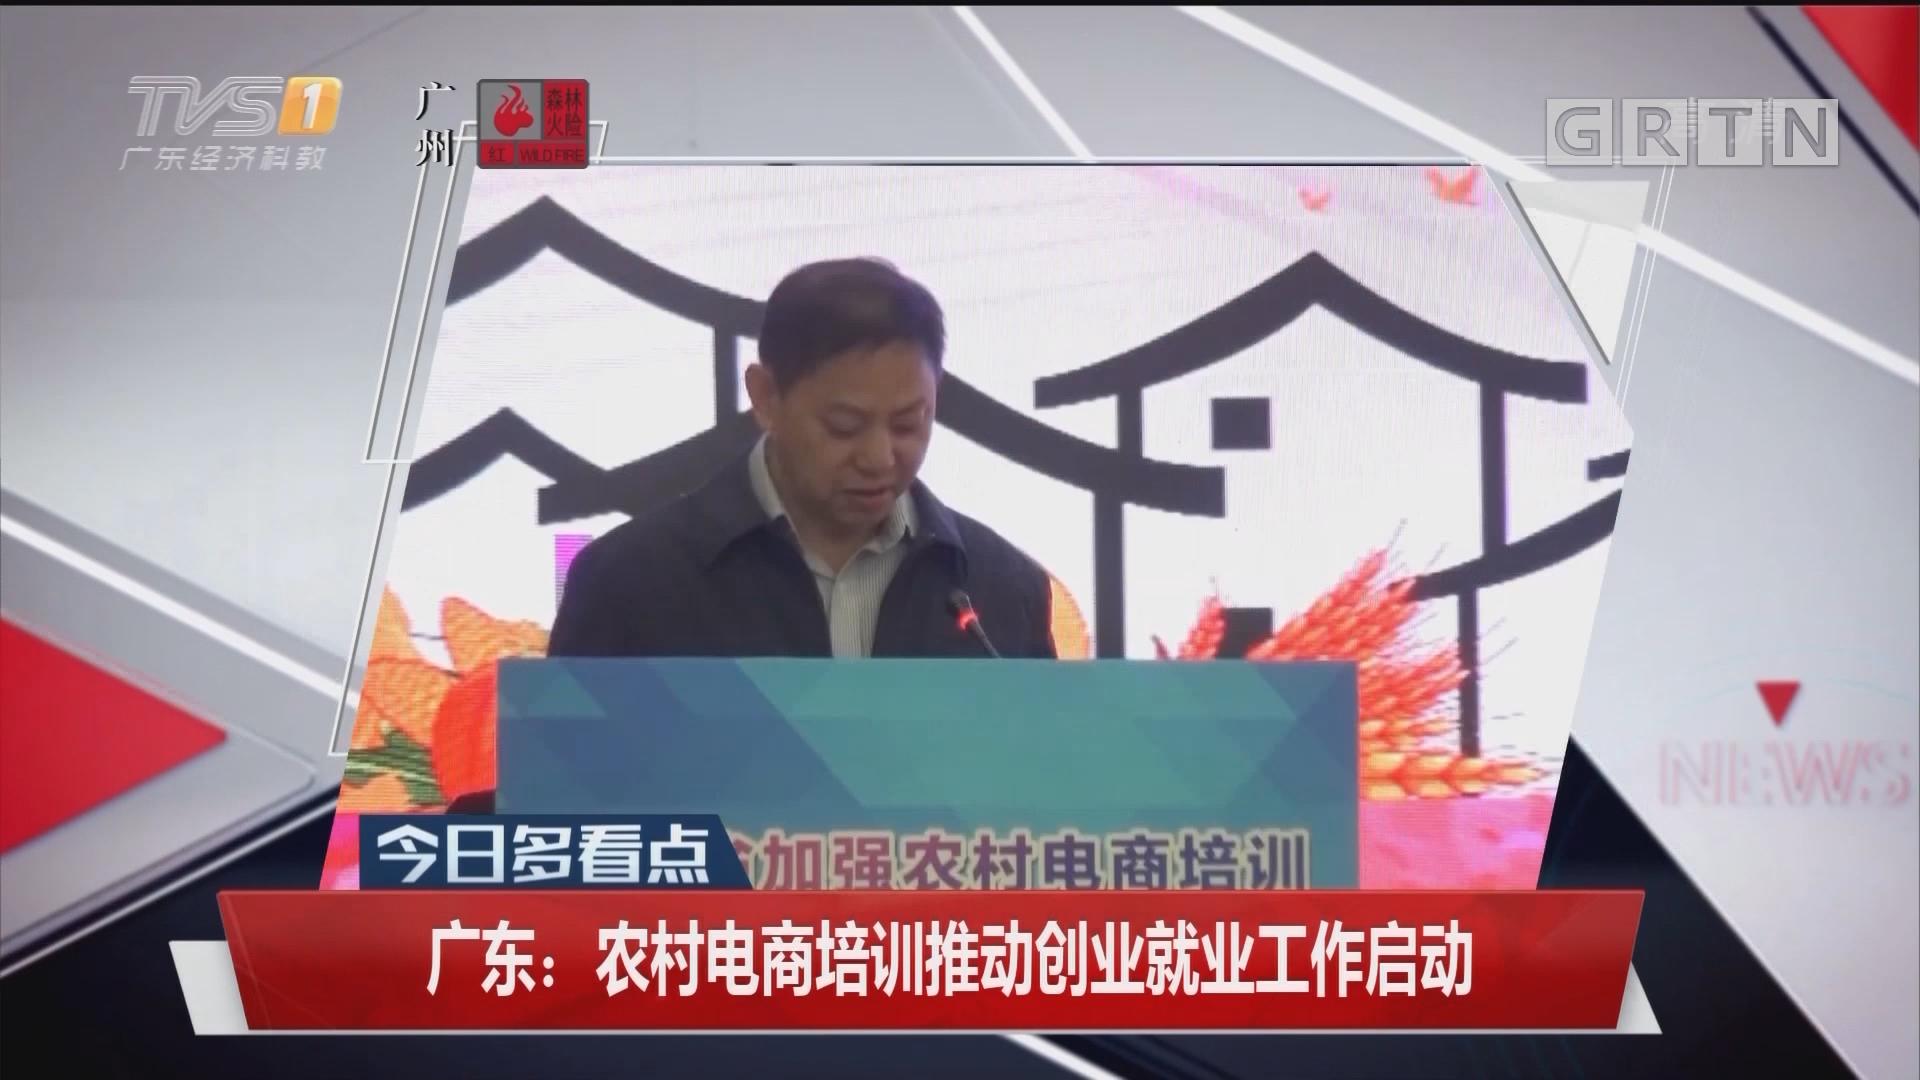 广东:农村电商培训推动创业就业工作启动